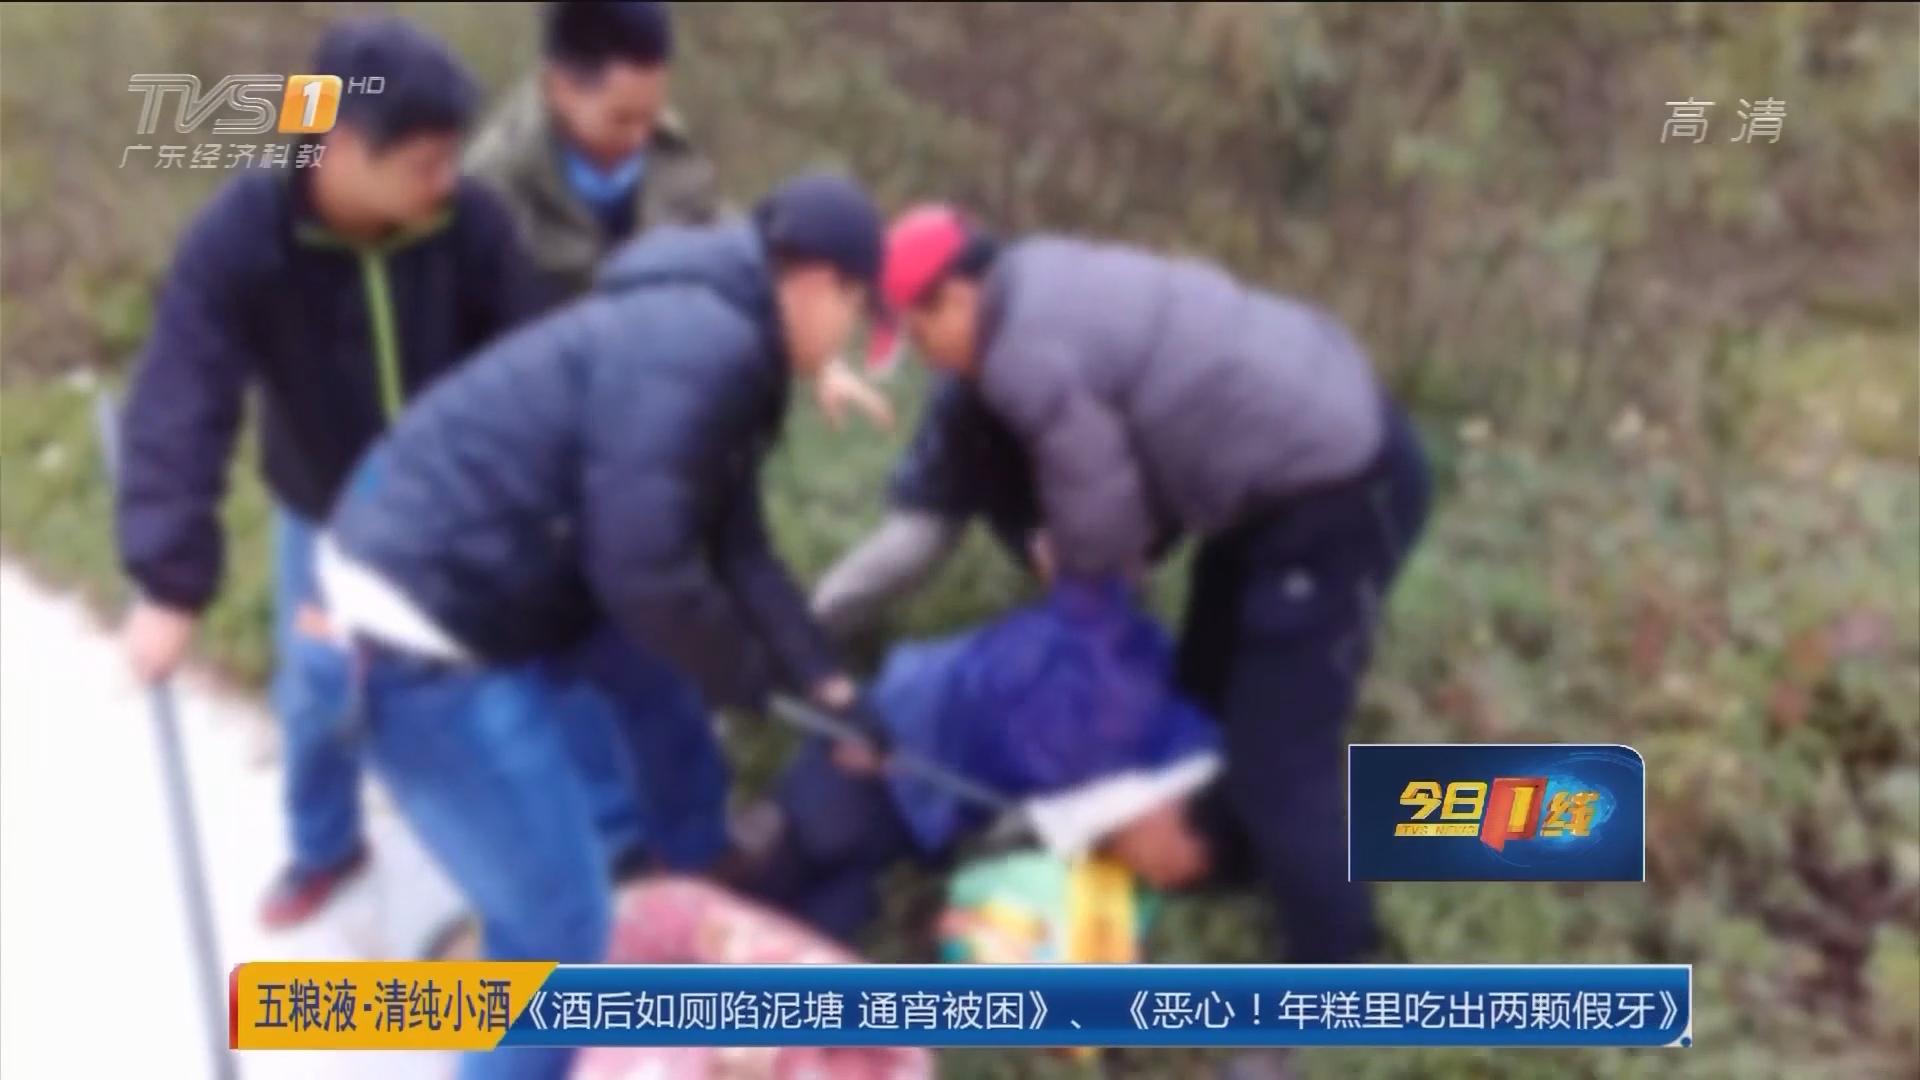 肇庆高要:大巴车离奇伤人案 警方迅速缉凶